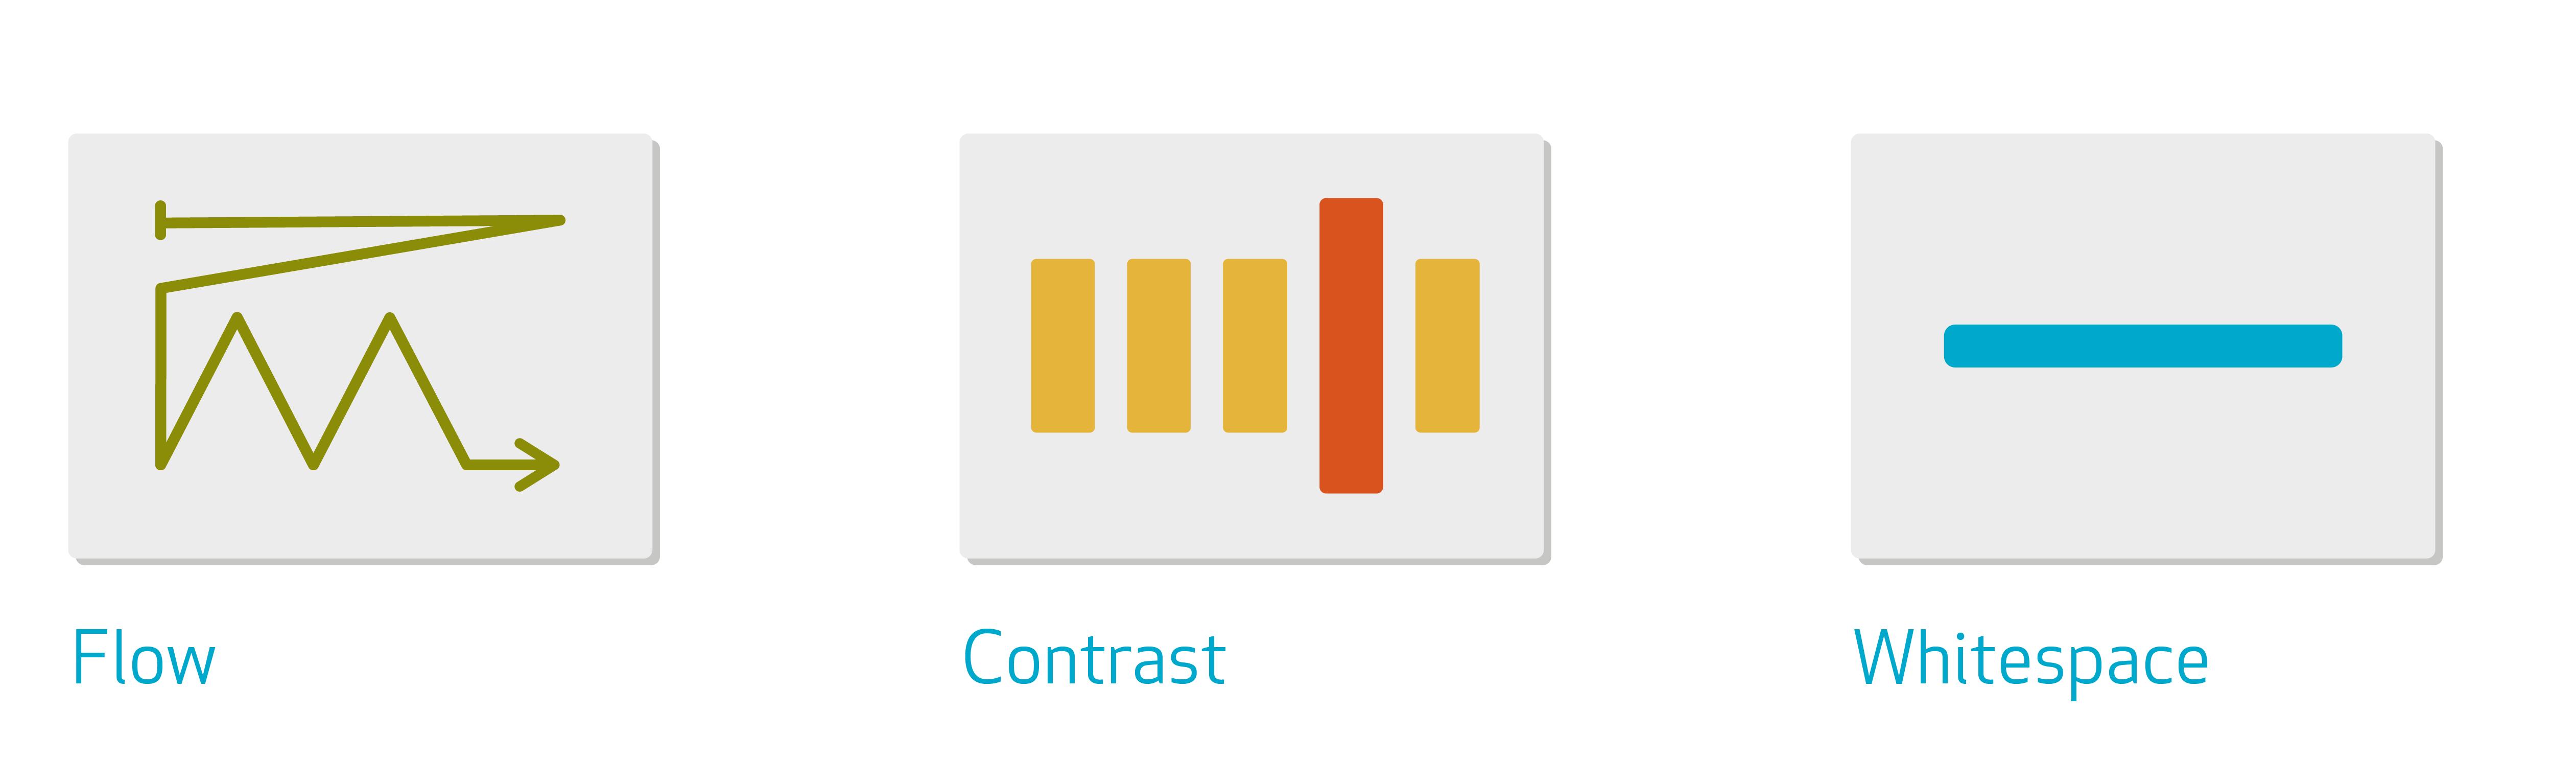 Glance Test Blog Post Assets - Arranging Elements (2)